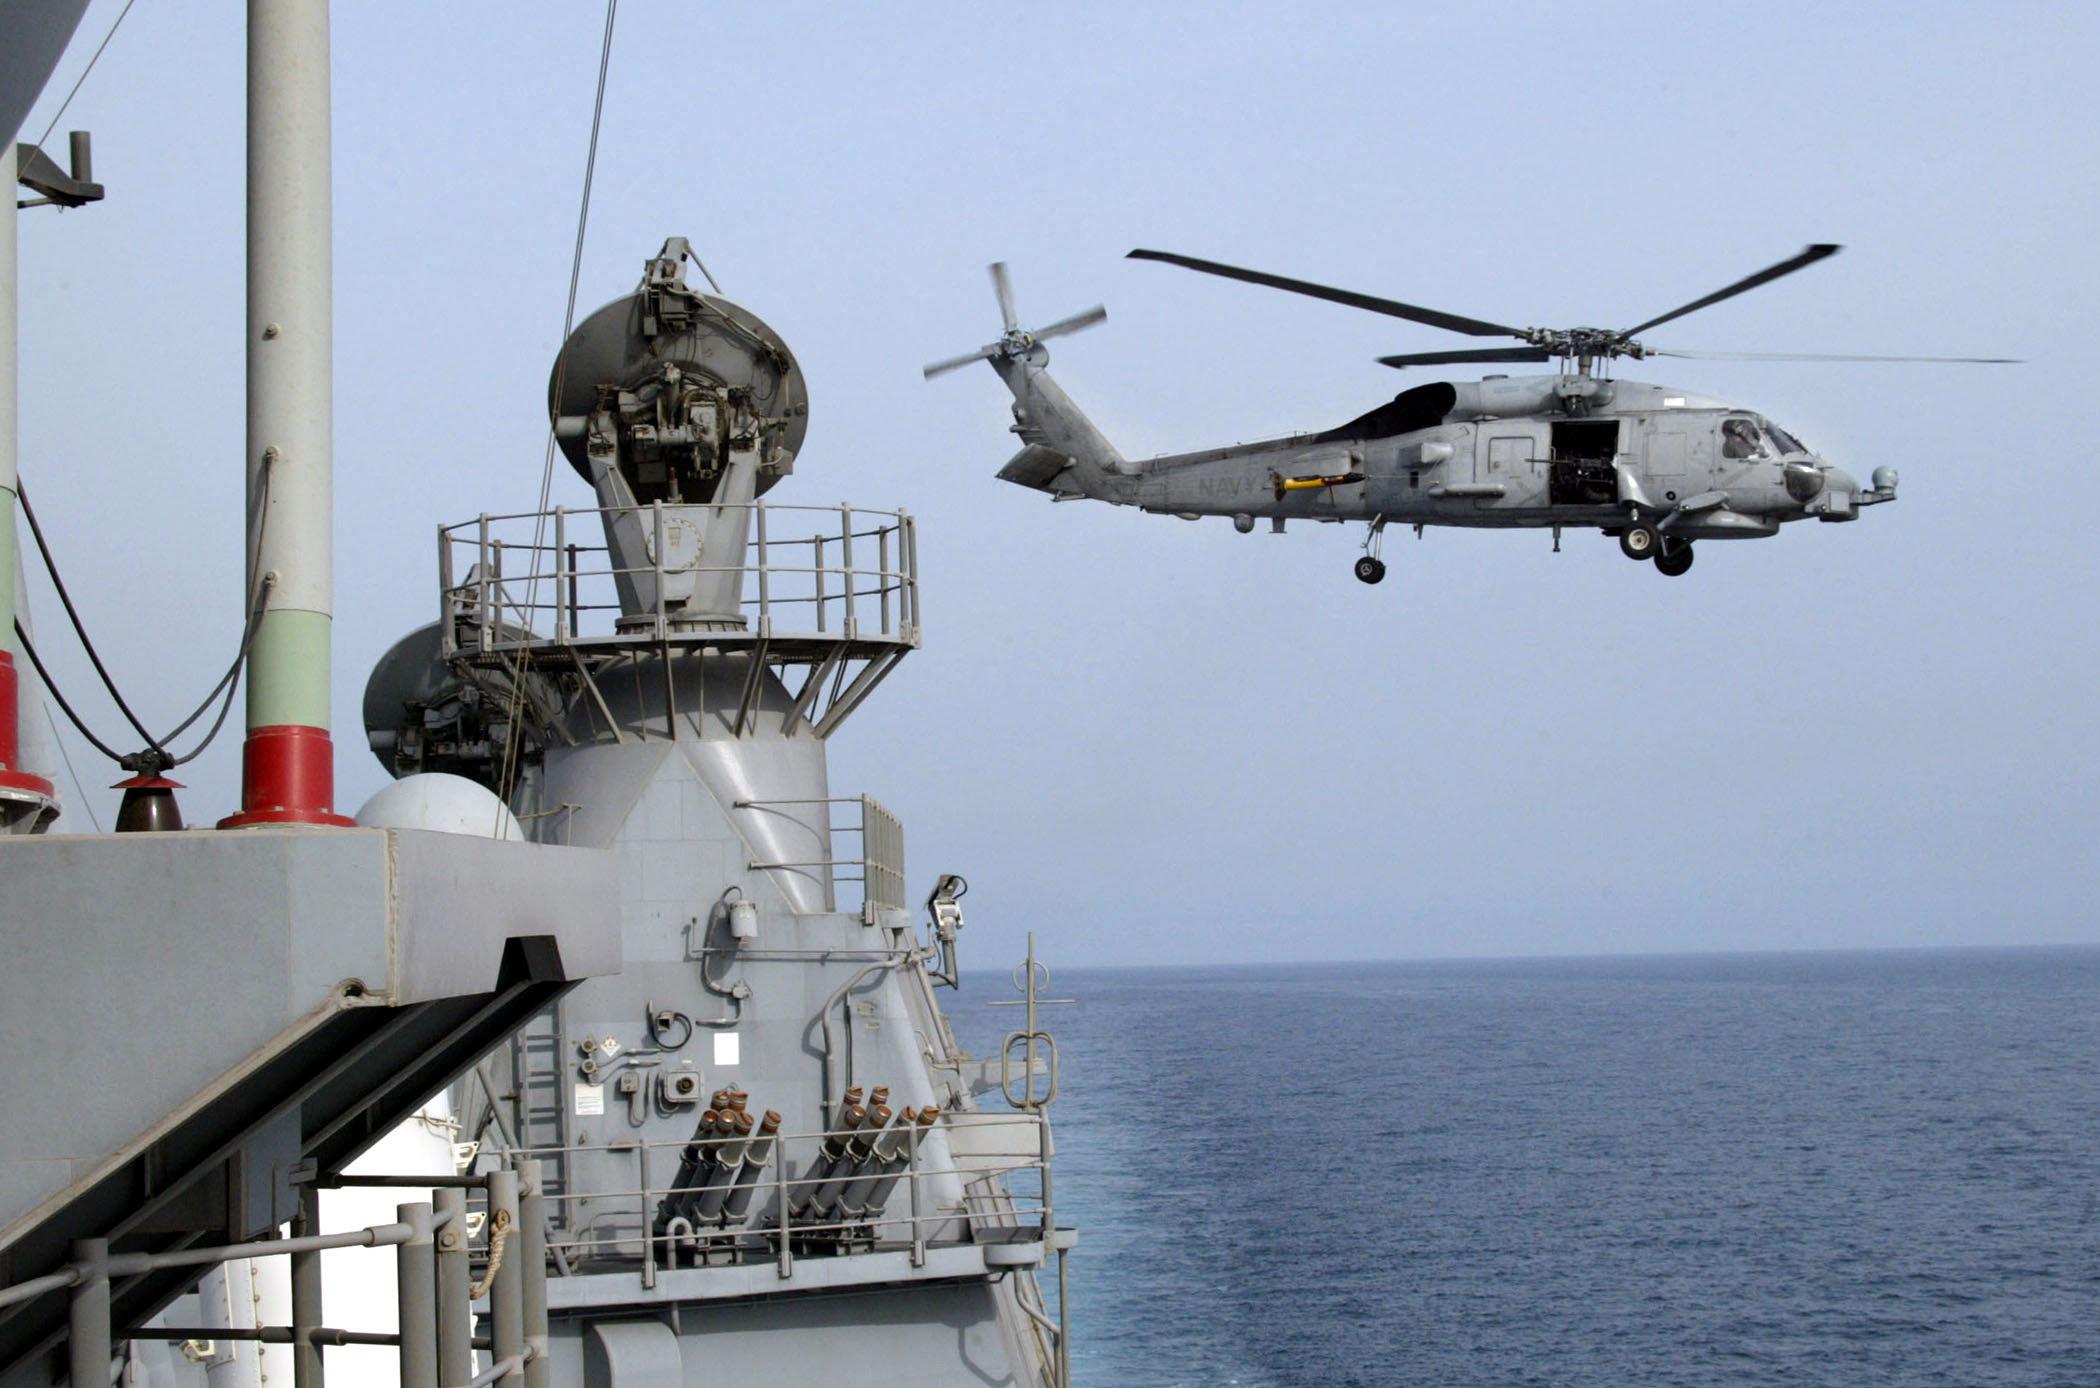 Helicóptero estadounidense SH-60 Seahawk